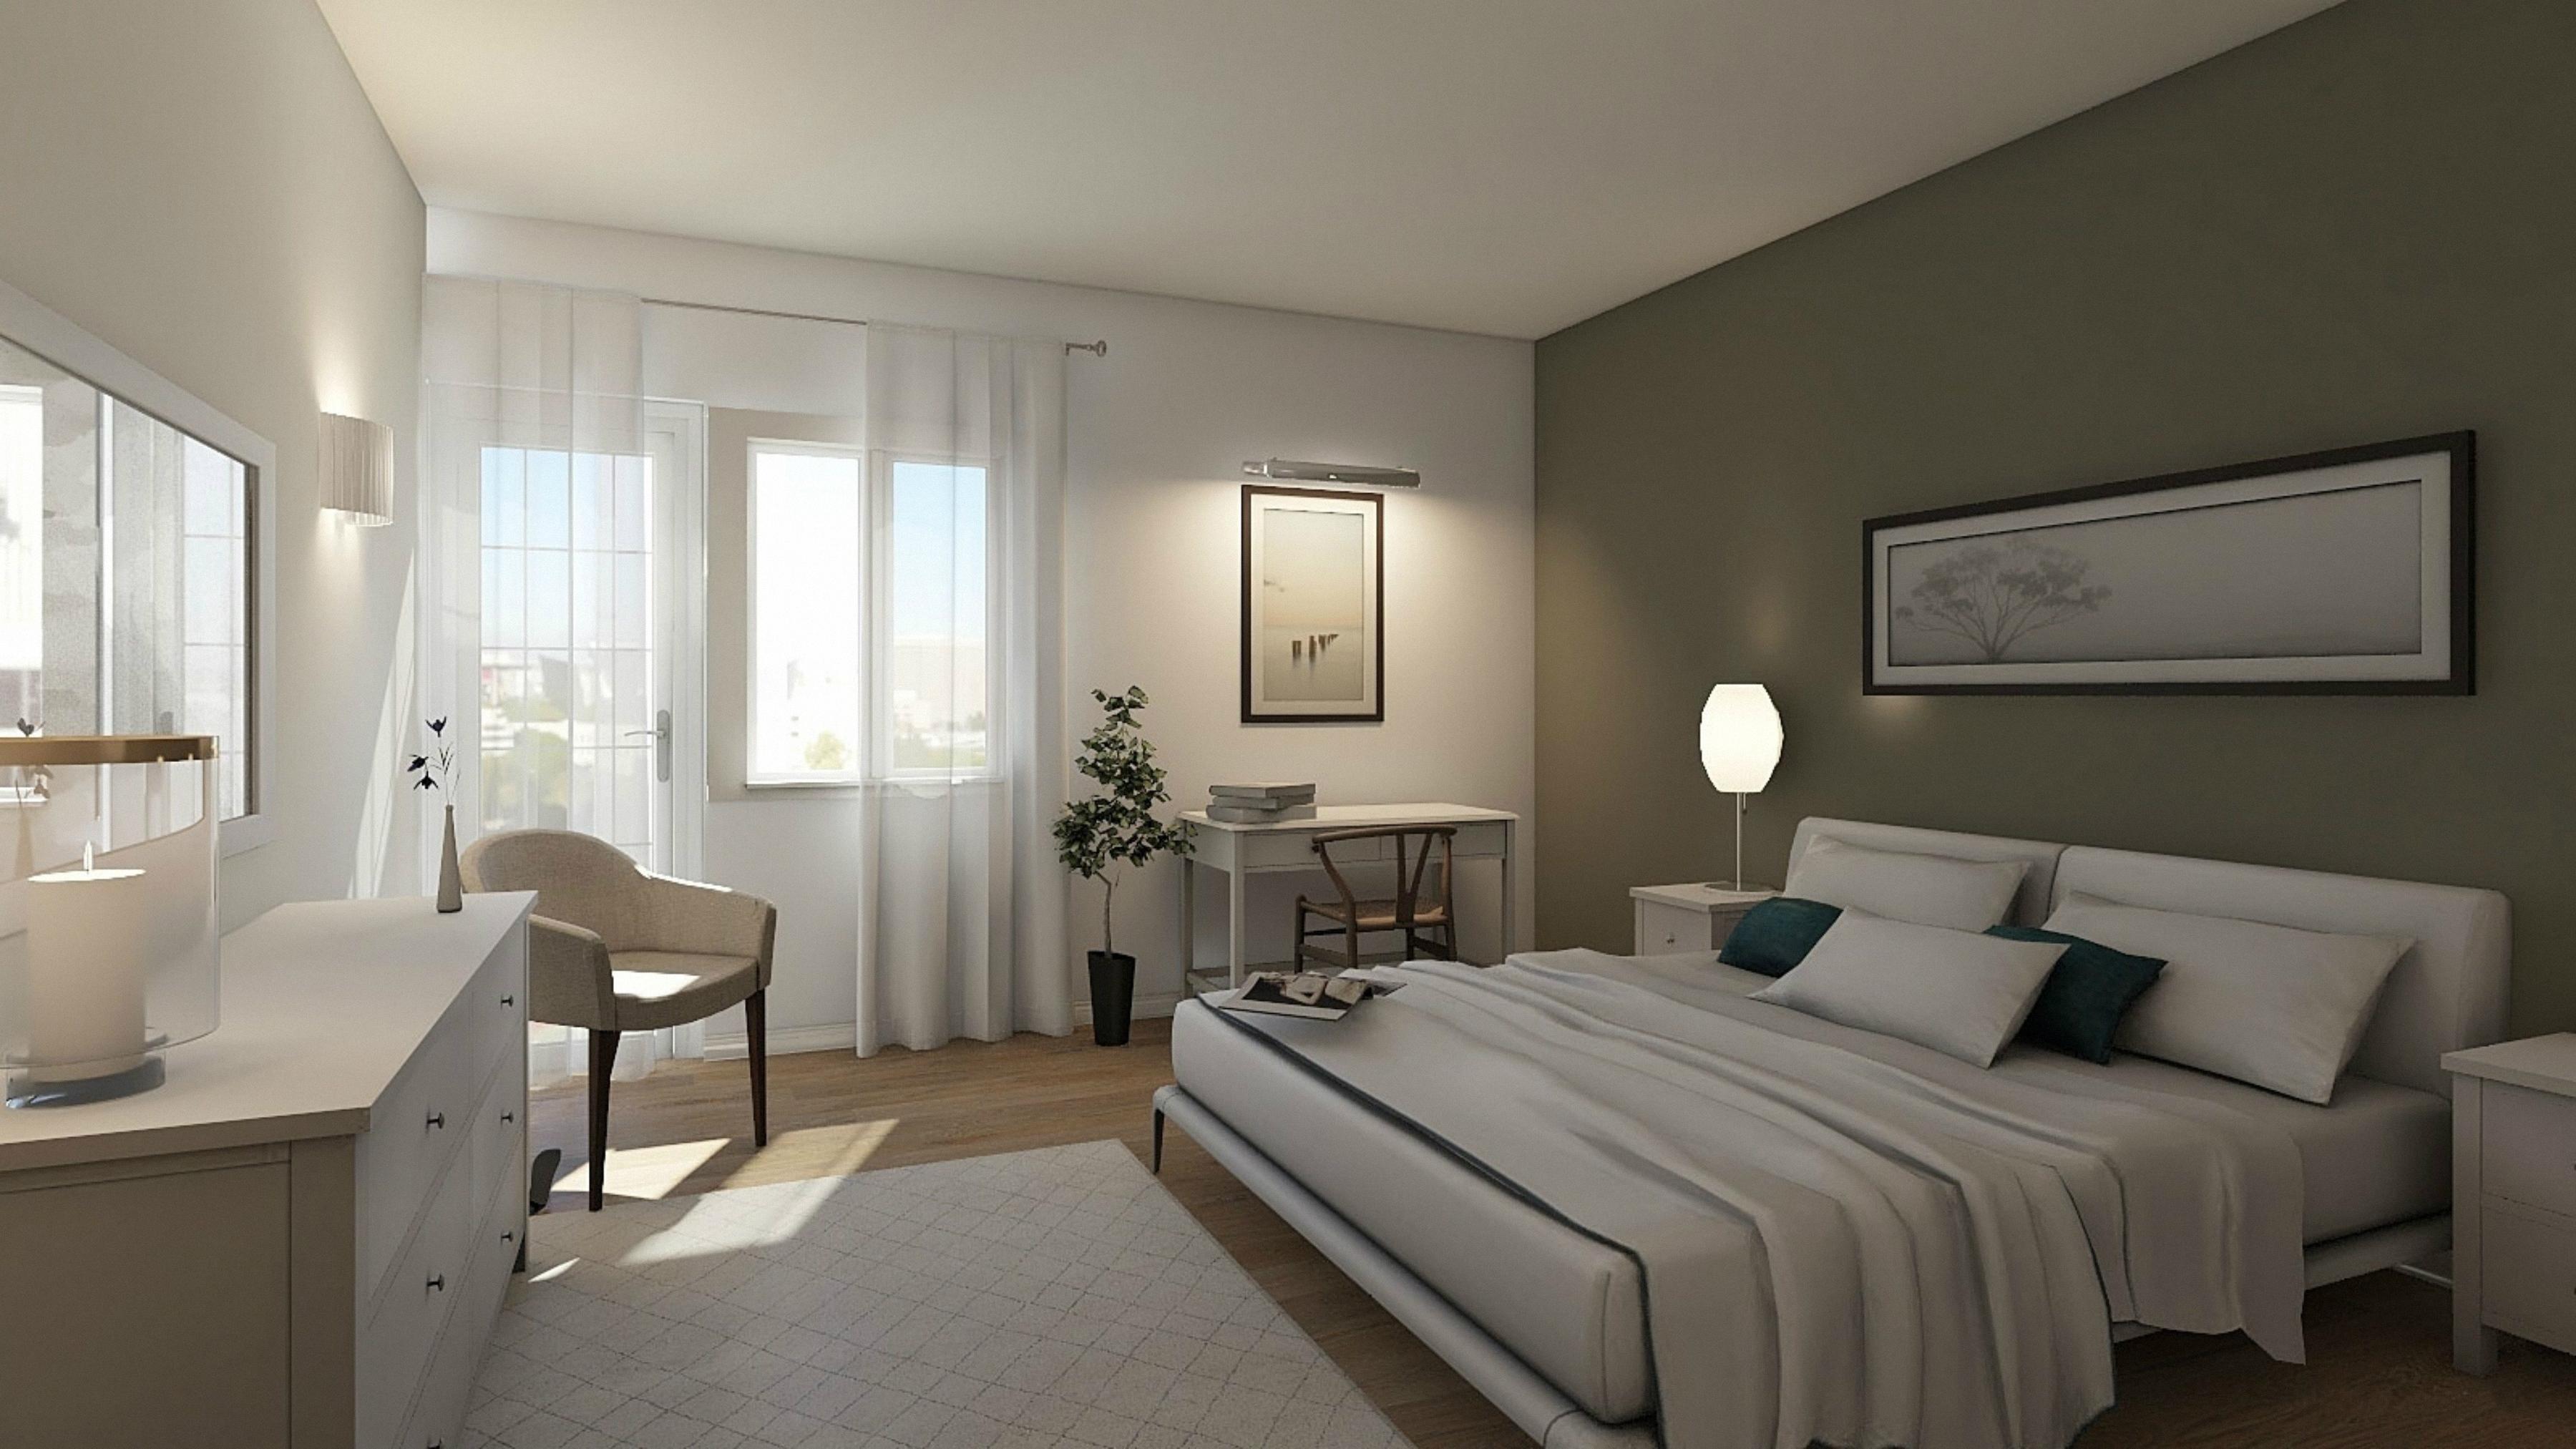 torino – camera da letto dopo l'intervento